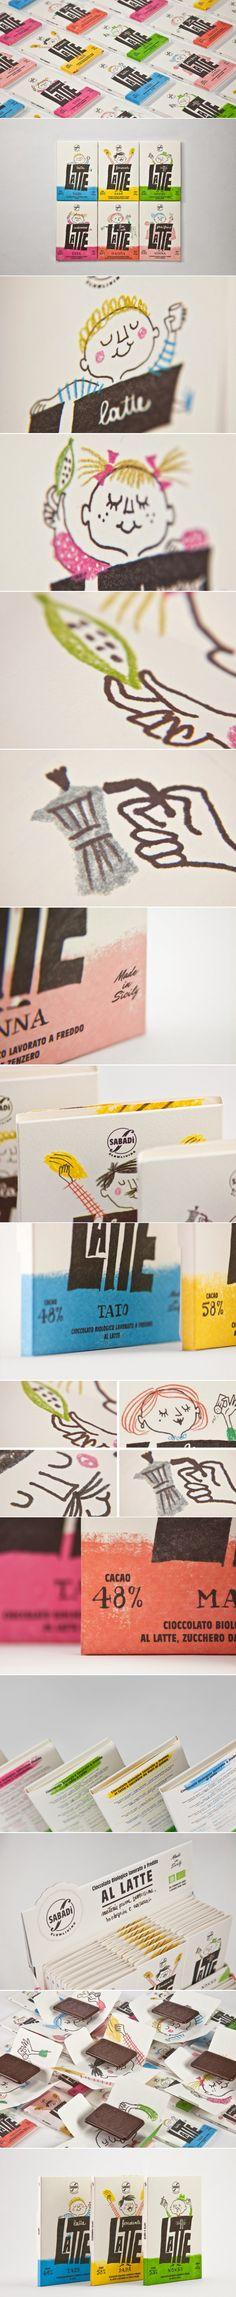 LATTE by Sabadì — The Dieline - Branding & Packaging Design